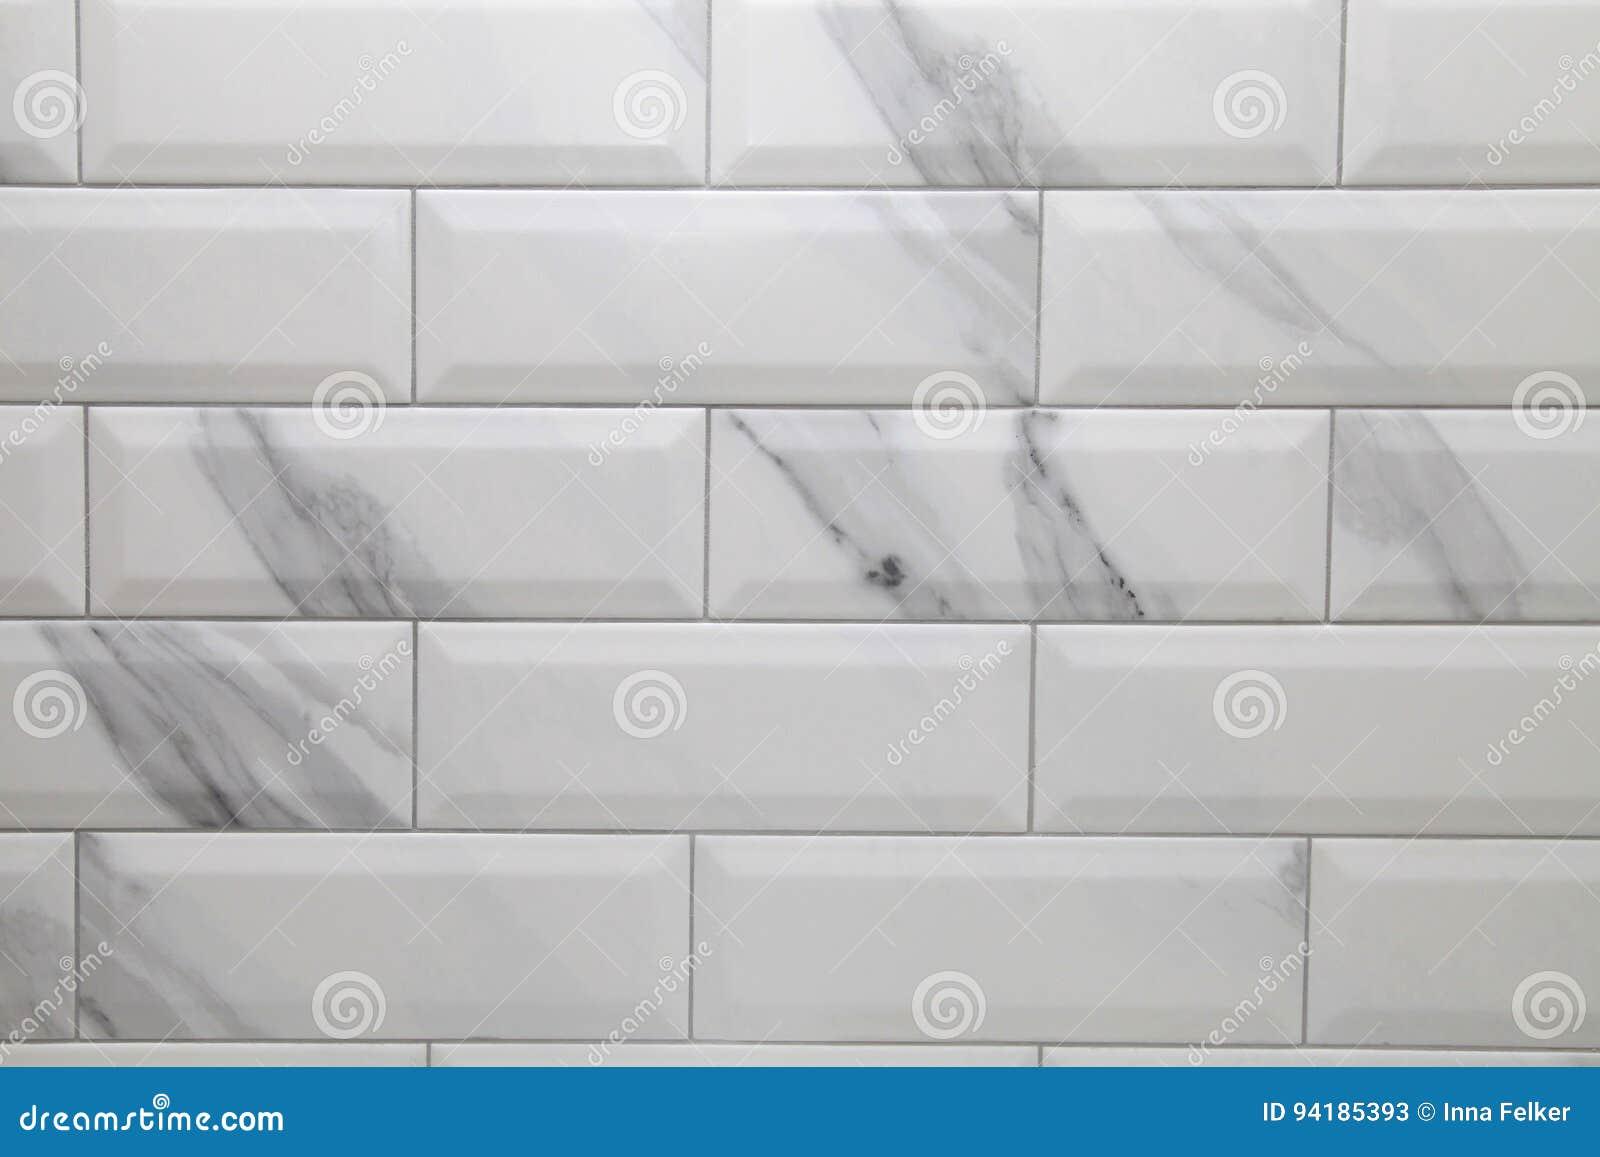 Fond Blanc De Carreau De C Ramique De M Tro Image Stock Image Du